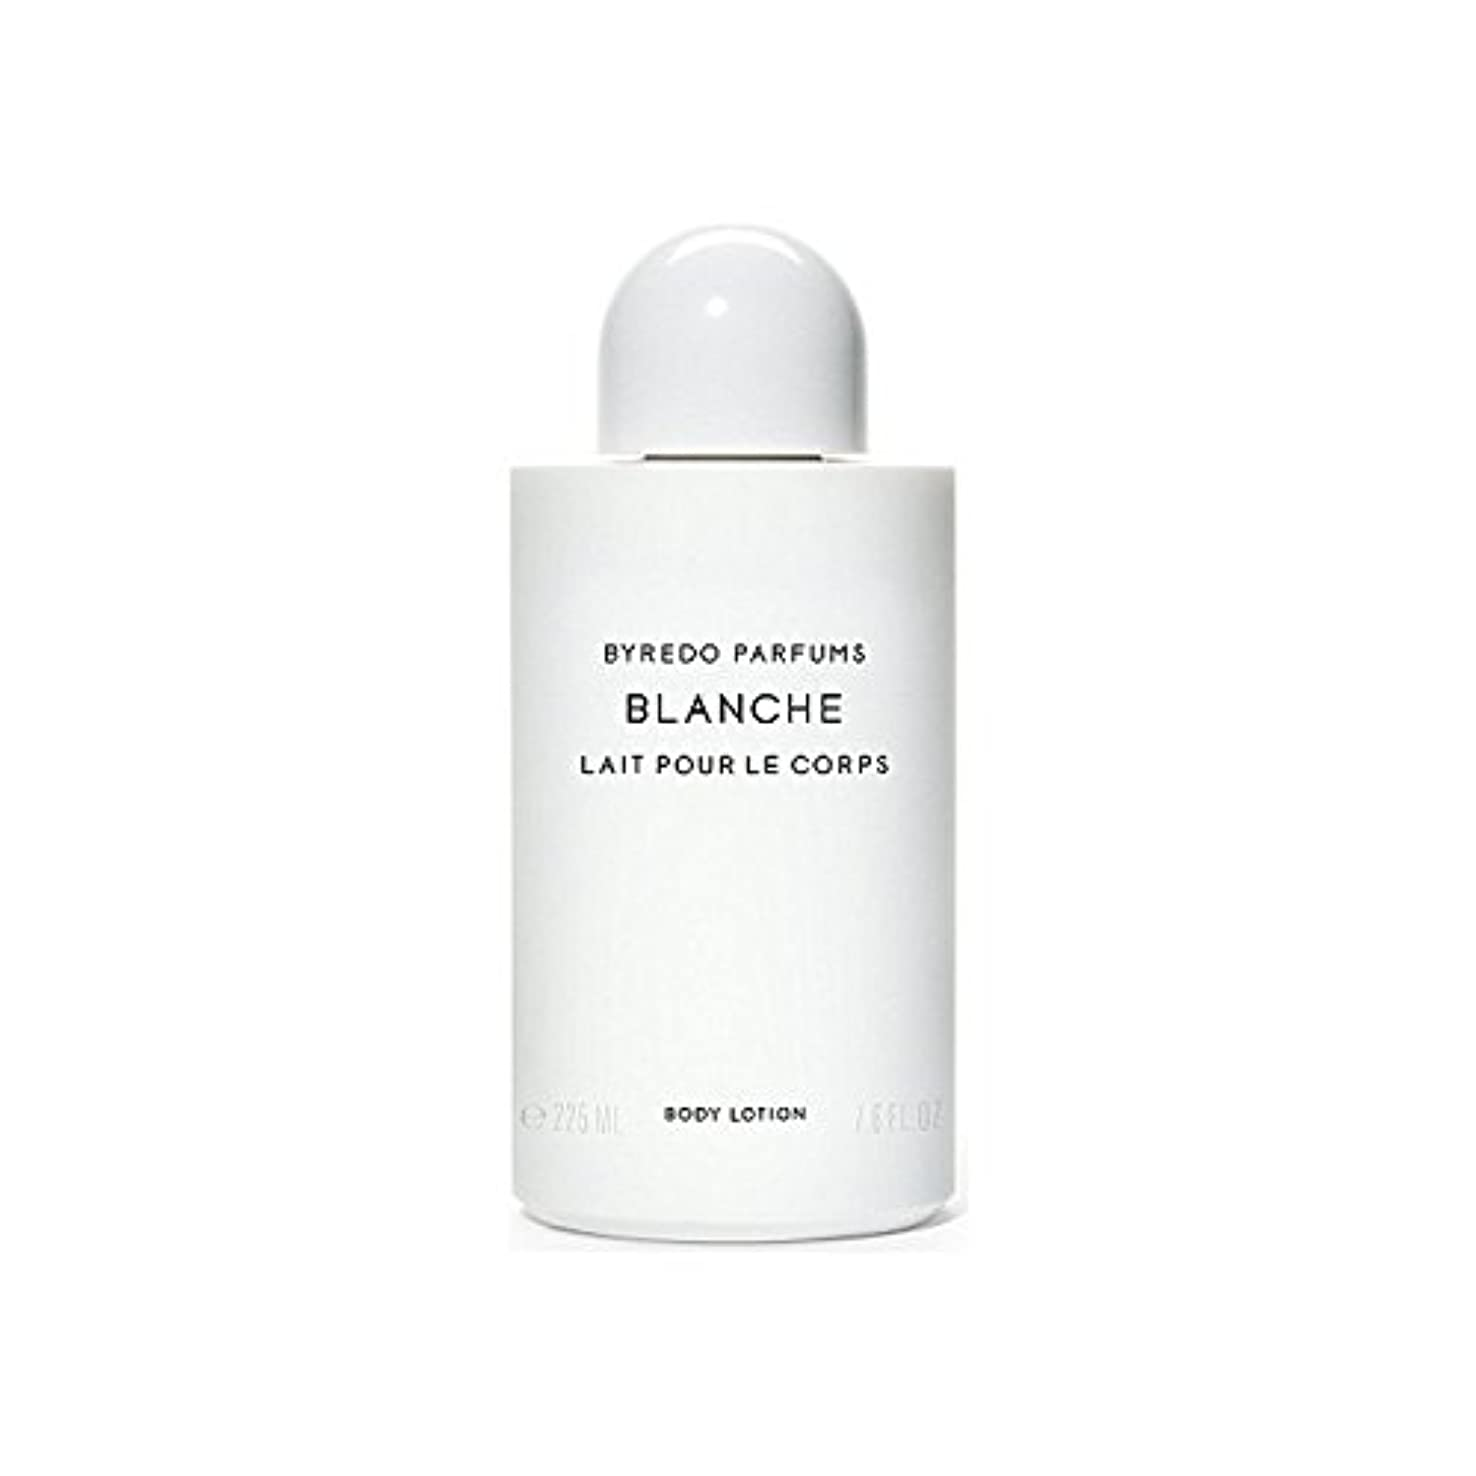 センブランスベリー輝度ブランシュボディローション225ミリリットル x2 - Byredo Blanche Body Lotion 225ml (Pack of 2) [並行輸入品]